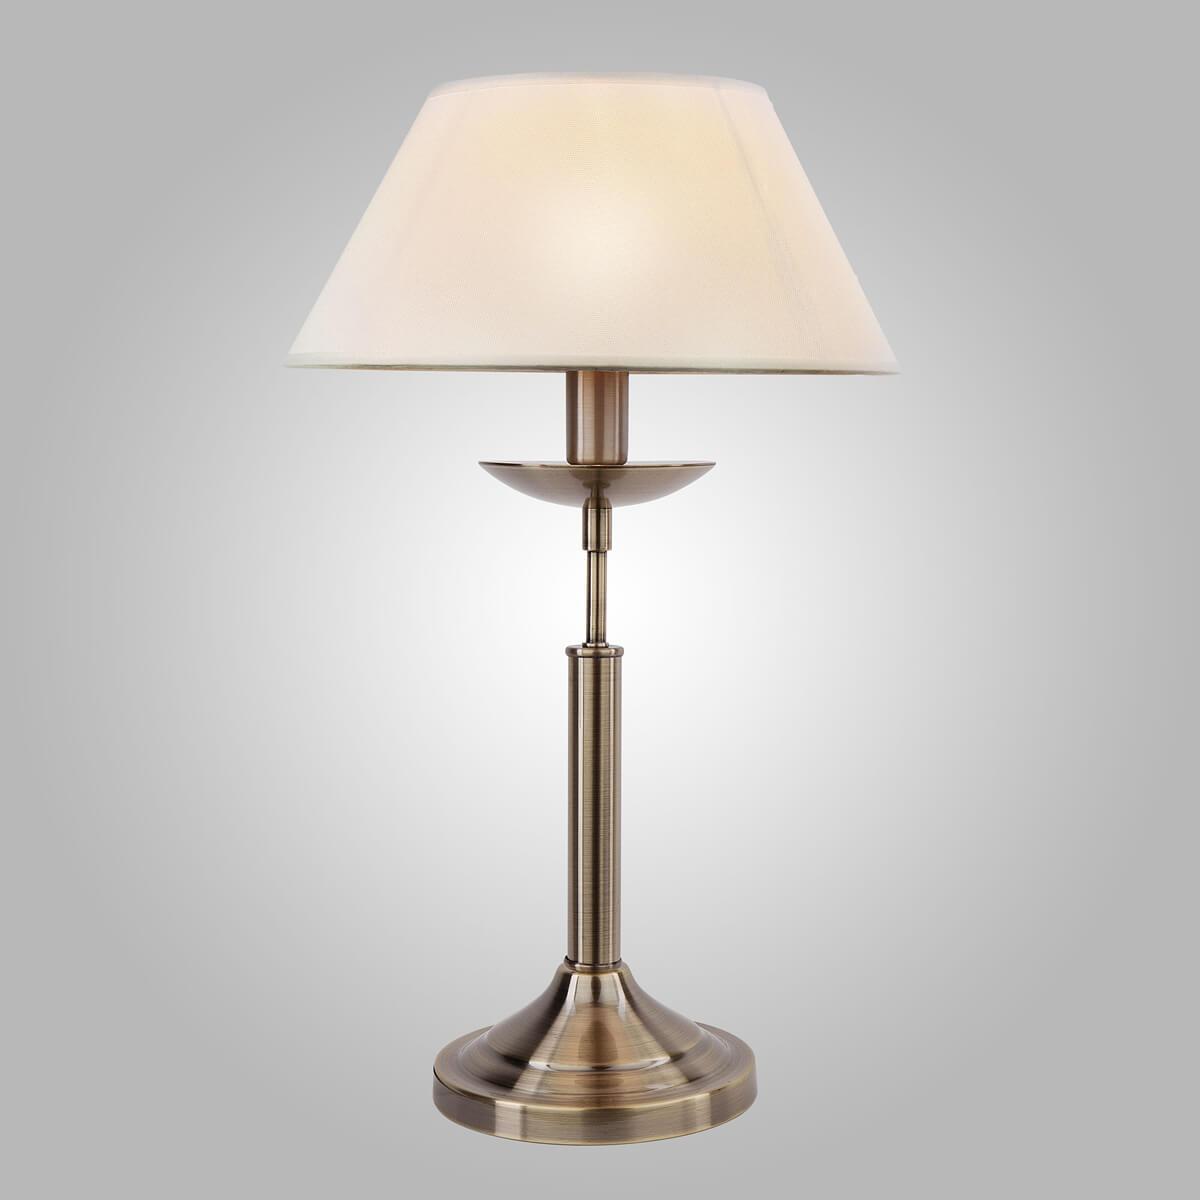 Настольная лампа Eurosvet 01010/1 античная бронза Hotel Bronze